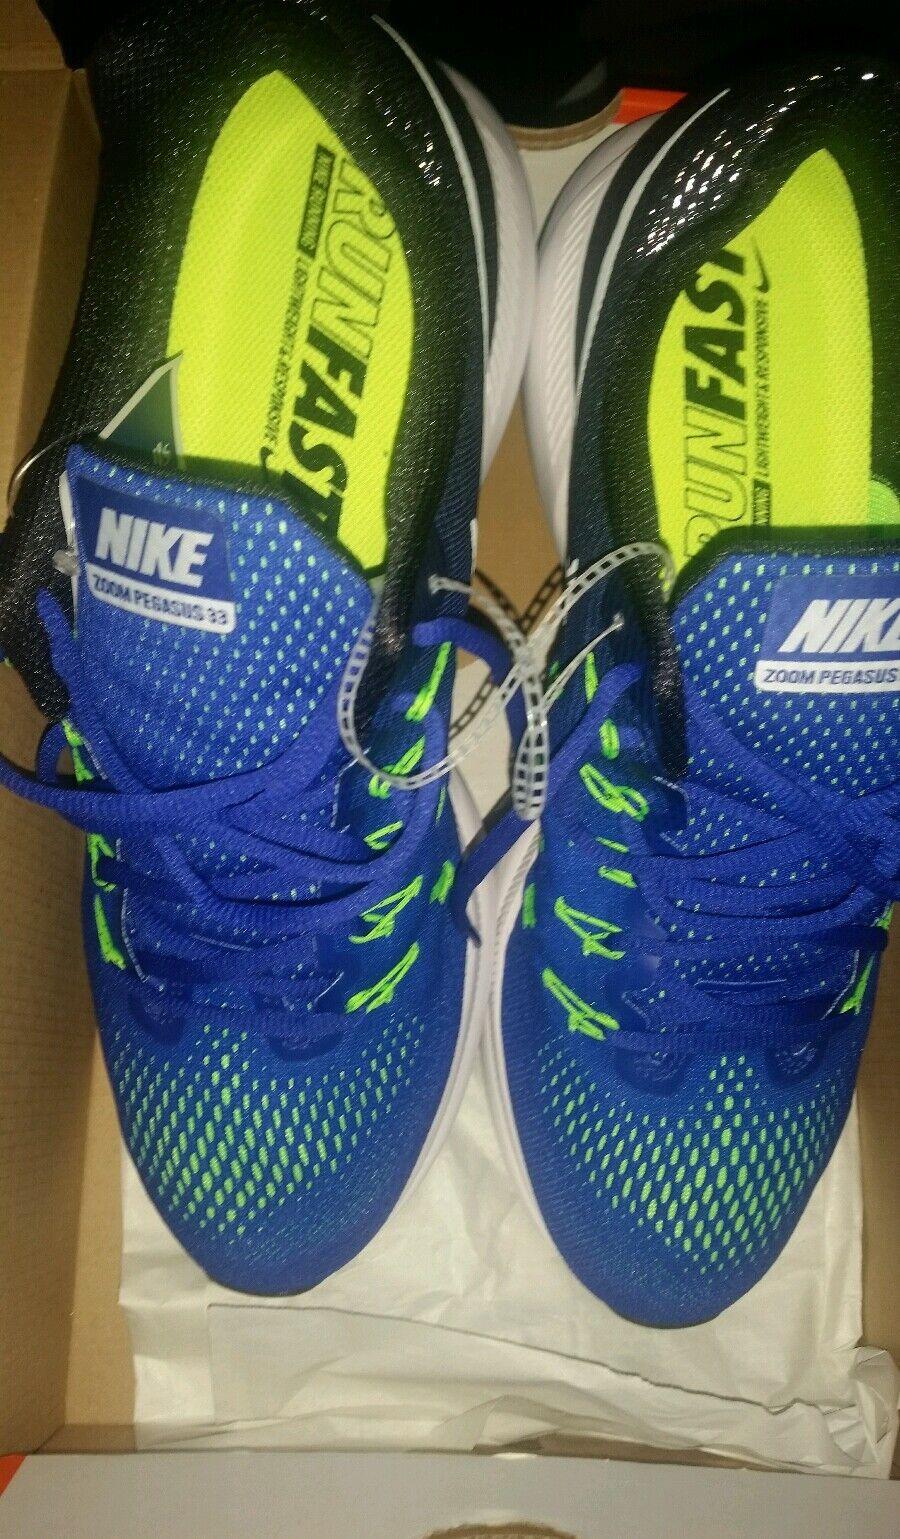 Nike Air Zoom Pegasus 33 Running Athletic shoes Sneaker Cross-Trainer bluee Black